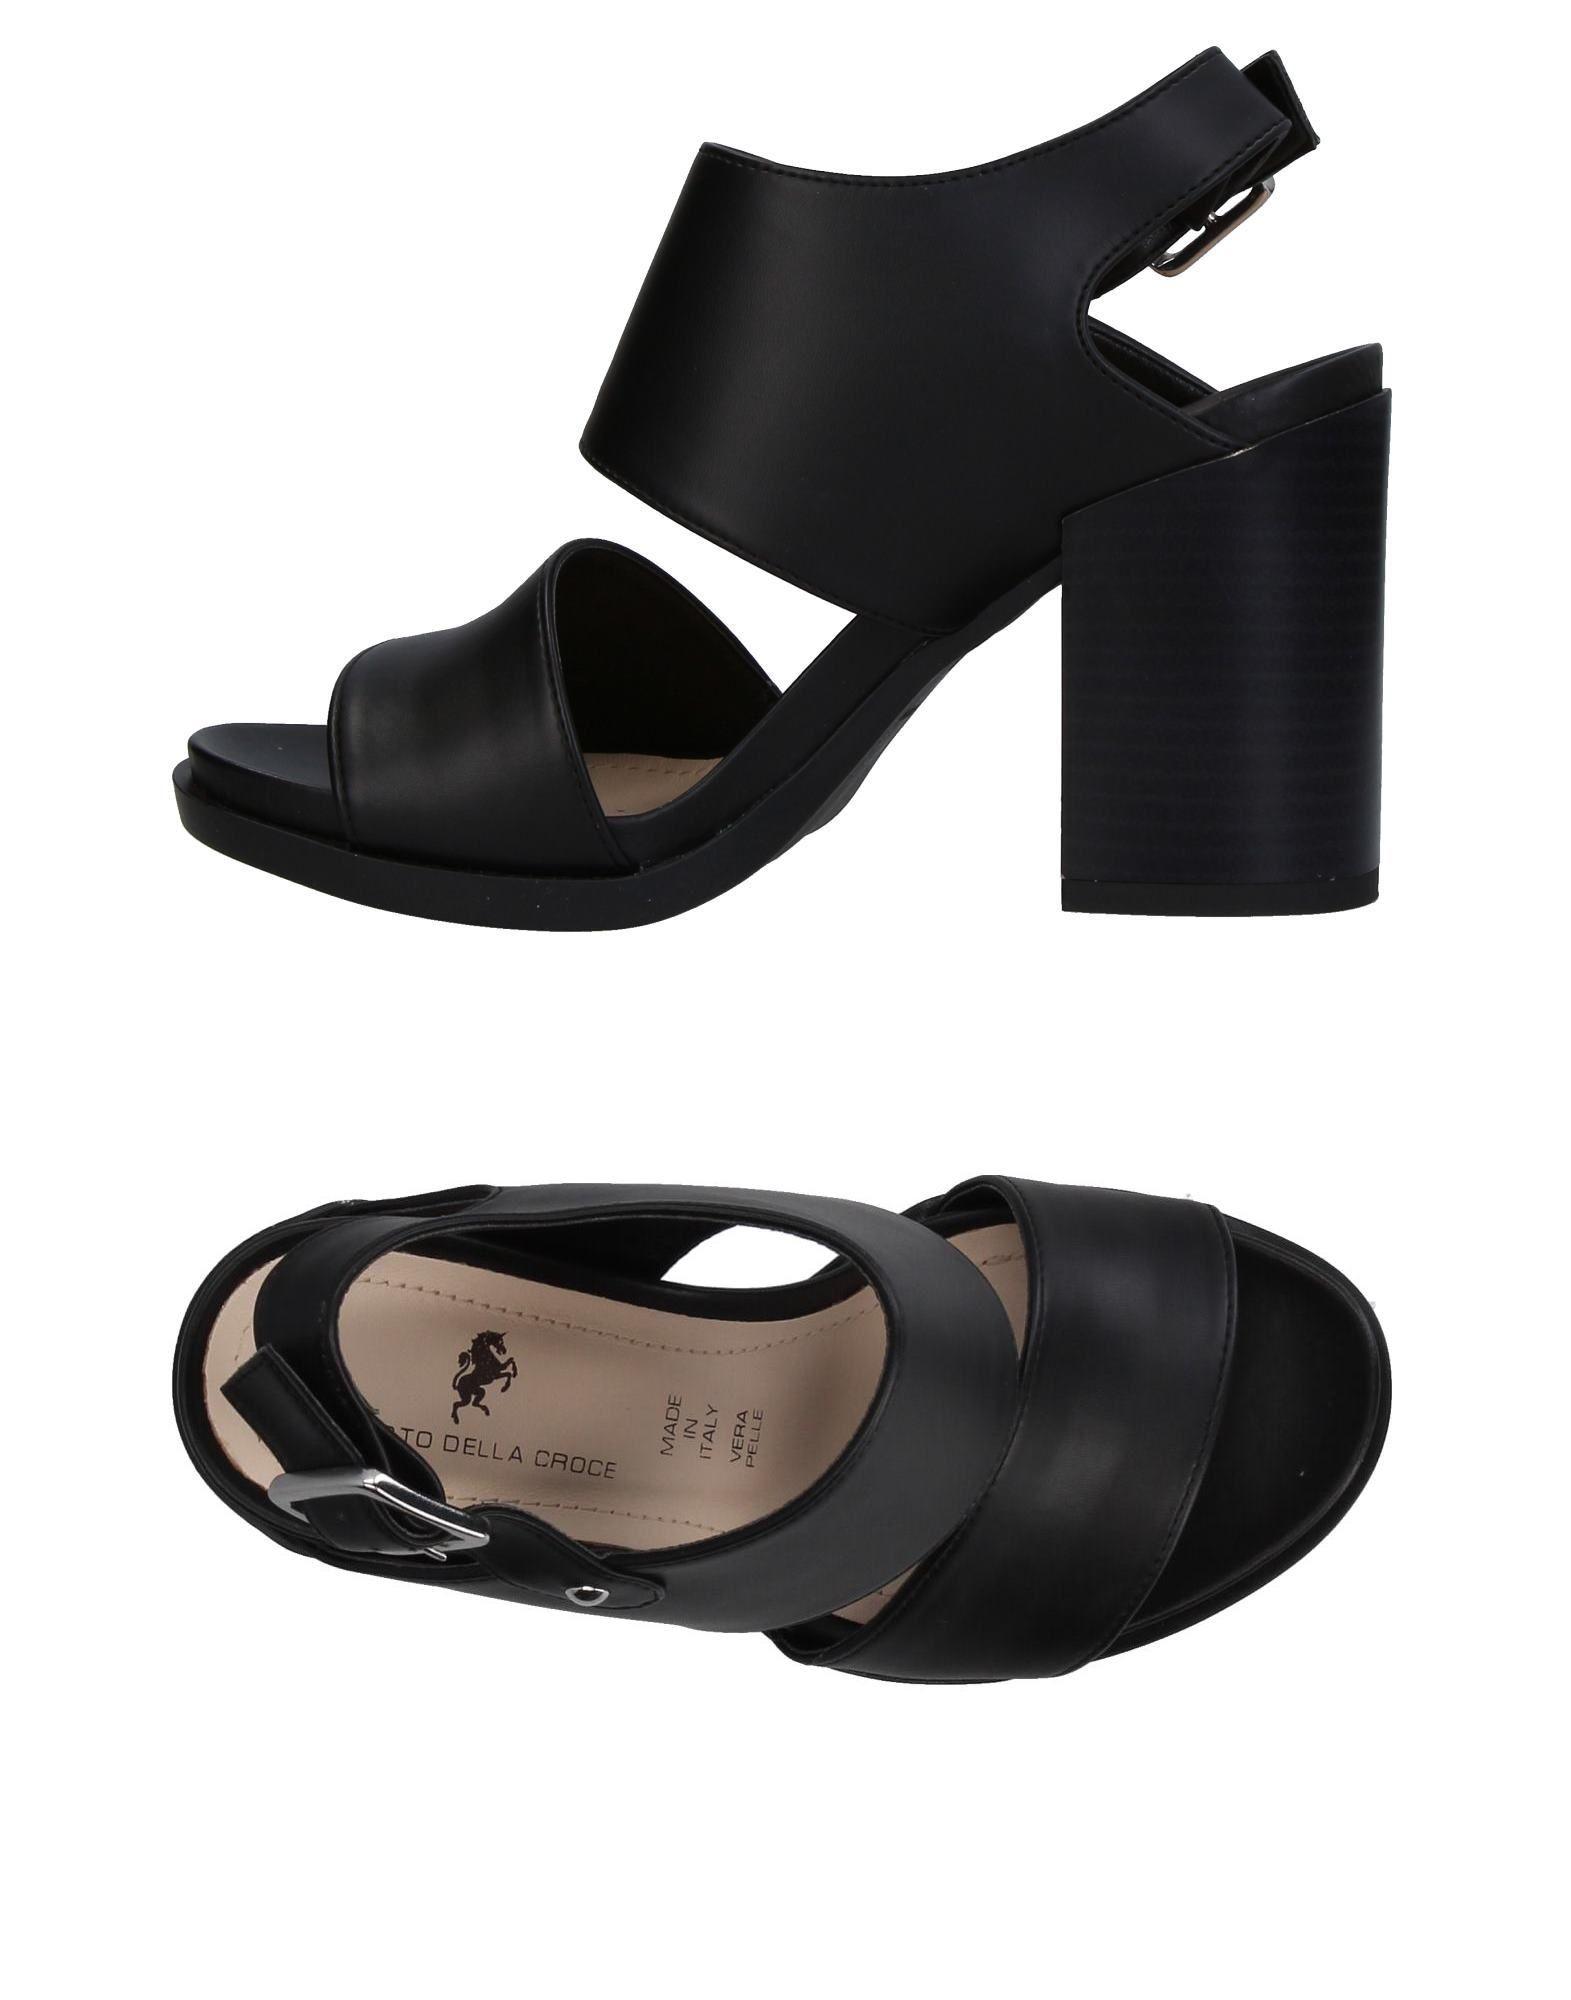 Roberto Della Croce Sandalen Damen  11411362GC Gute Qualität beliebte Schuhe